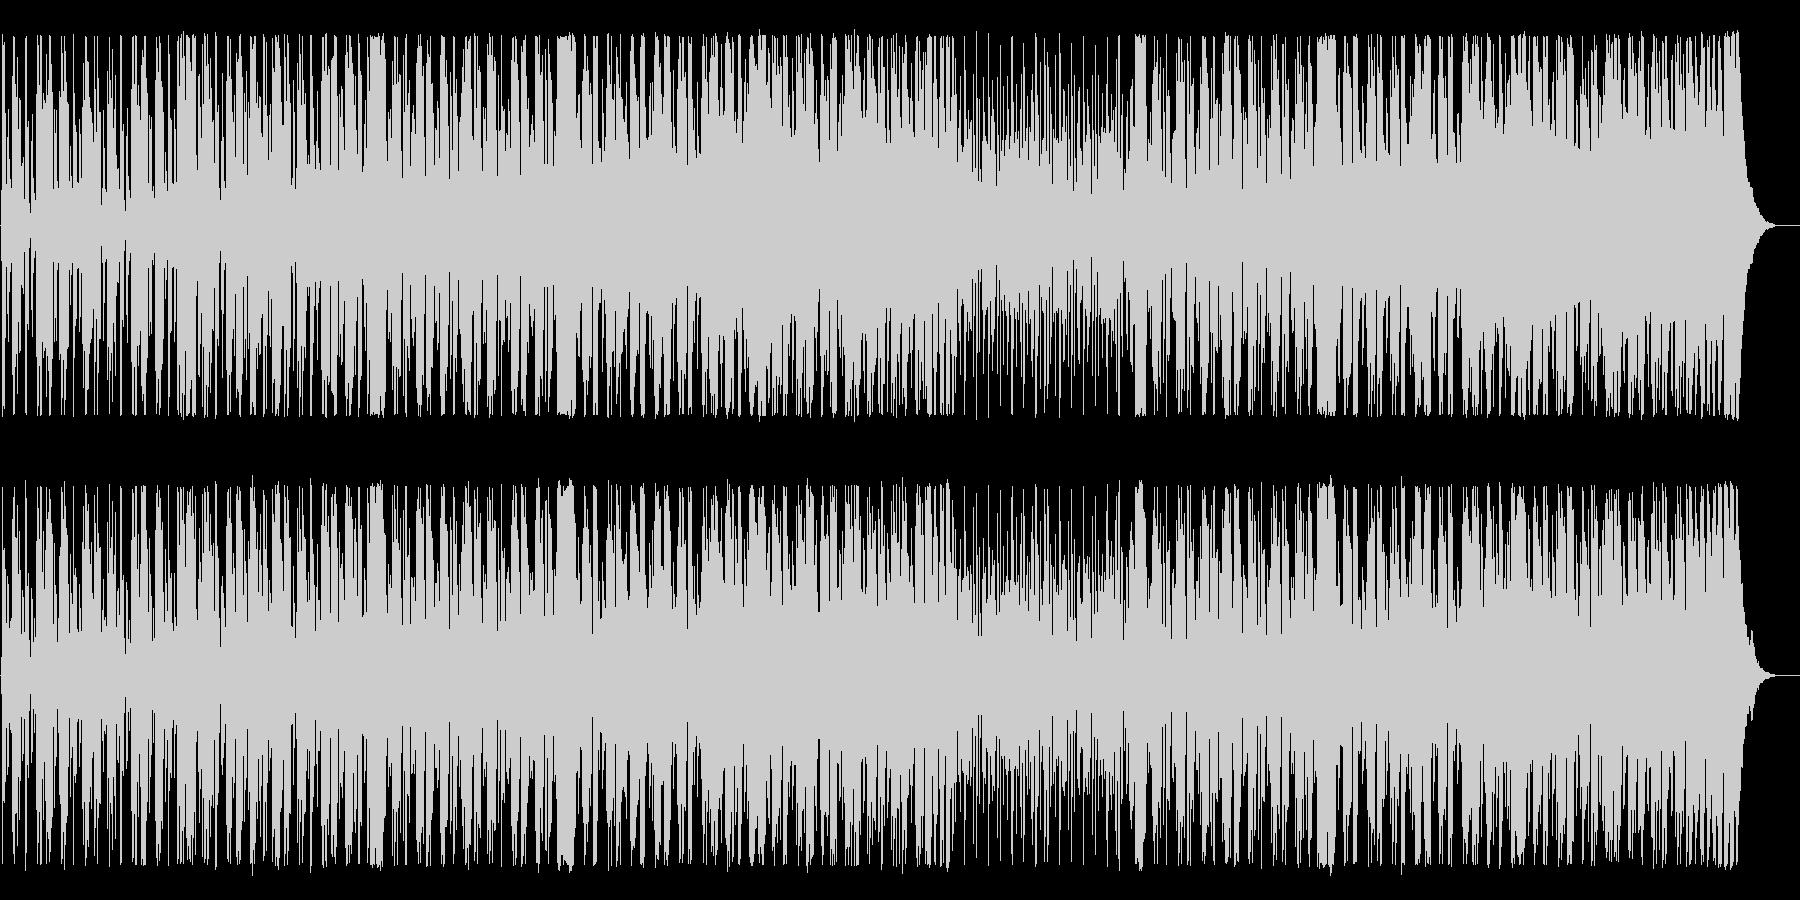 シリアスで緊迫感のあるメロディーのBGMの未再生の波形